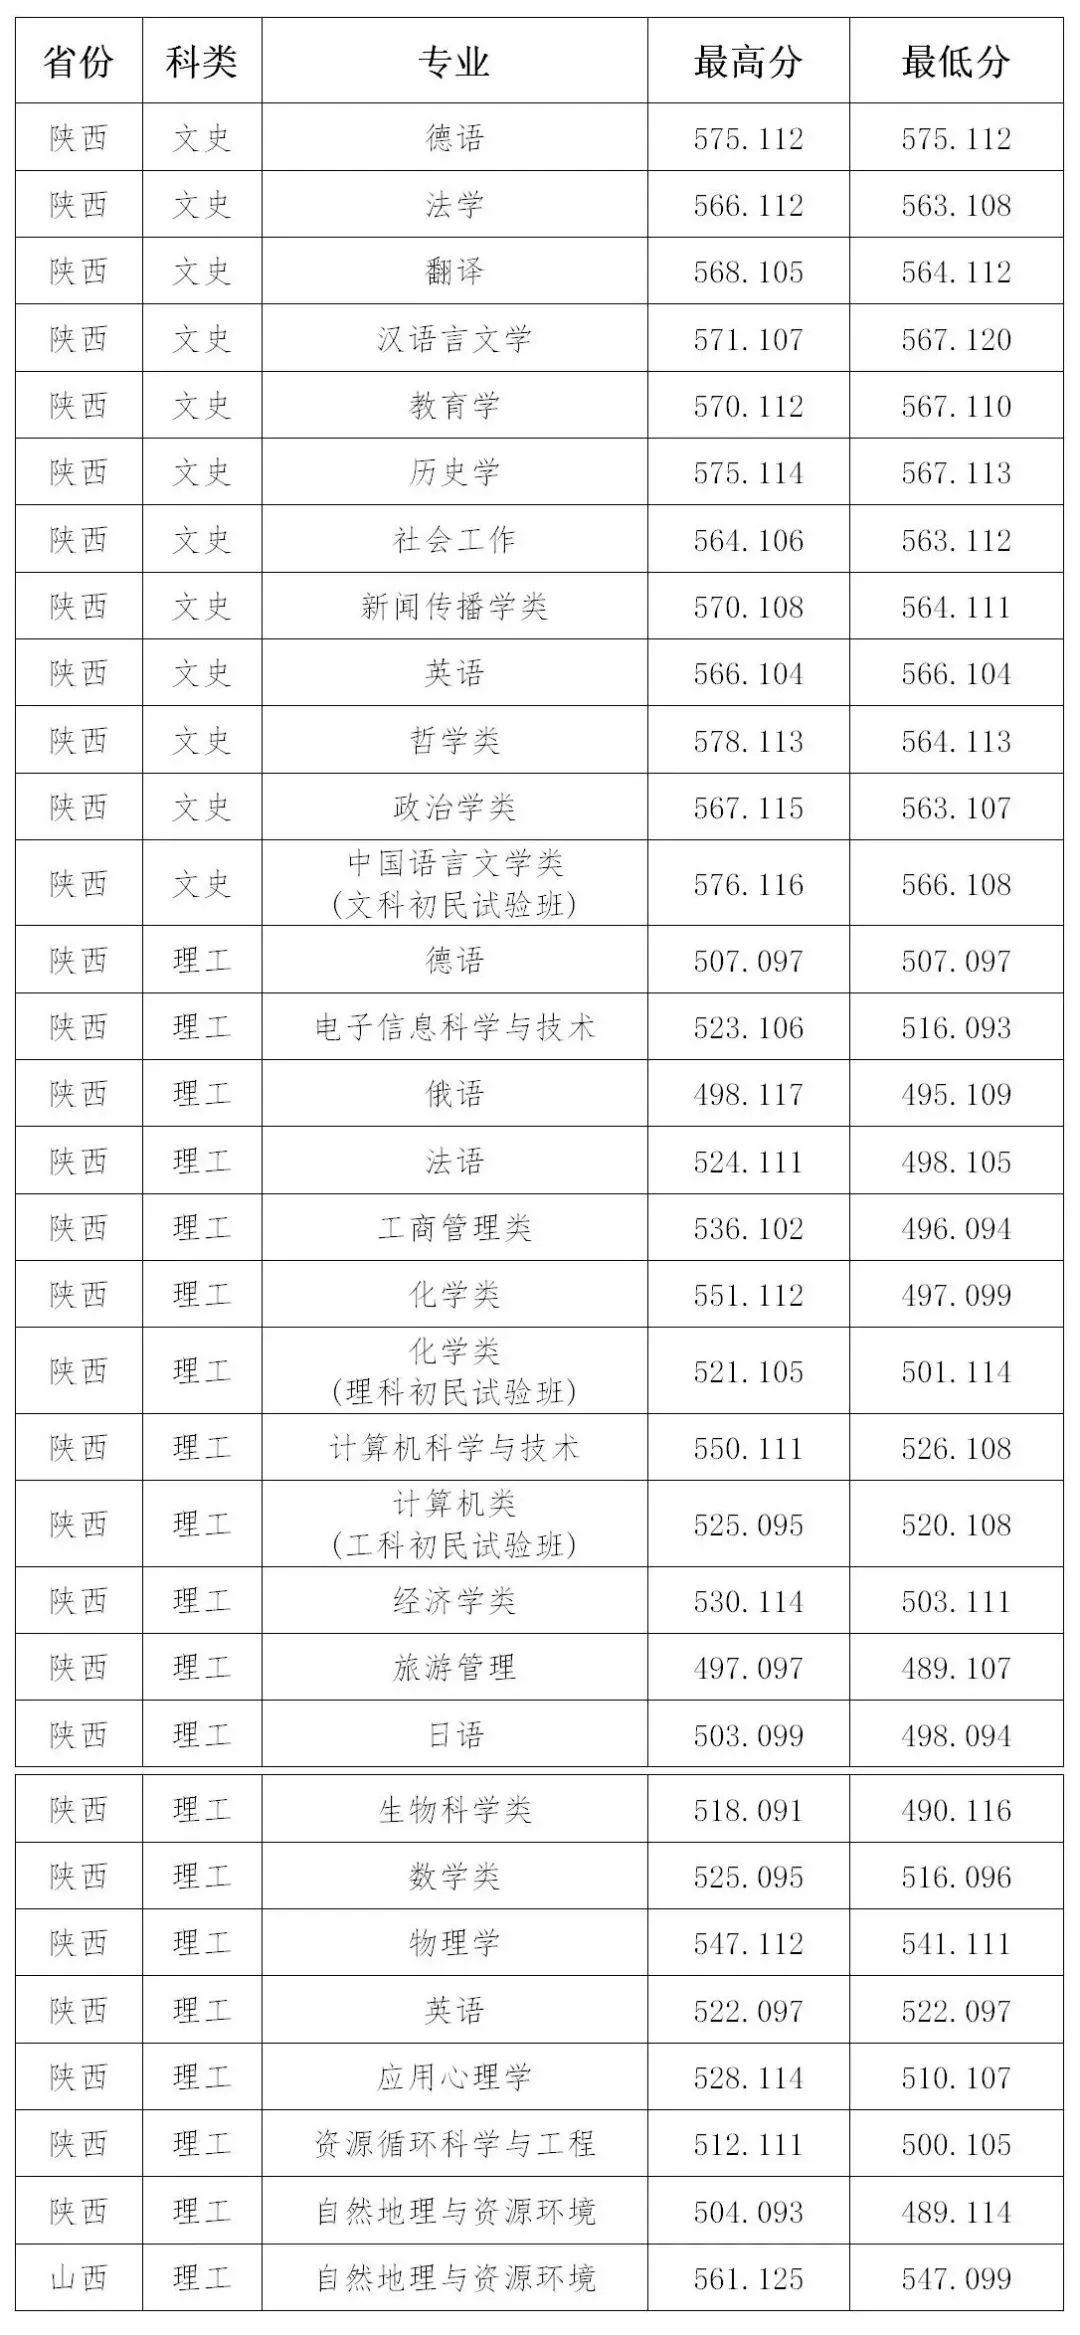 山西大学2020年招生录取工作简报 第23期(陕西 山西)